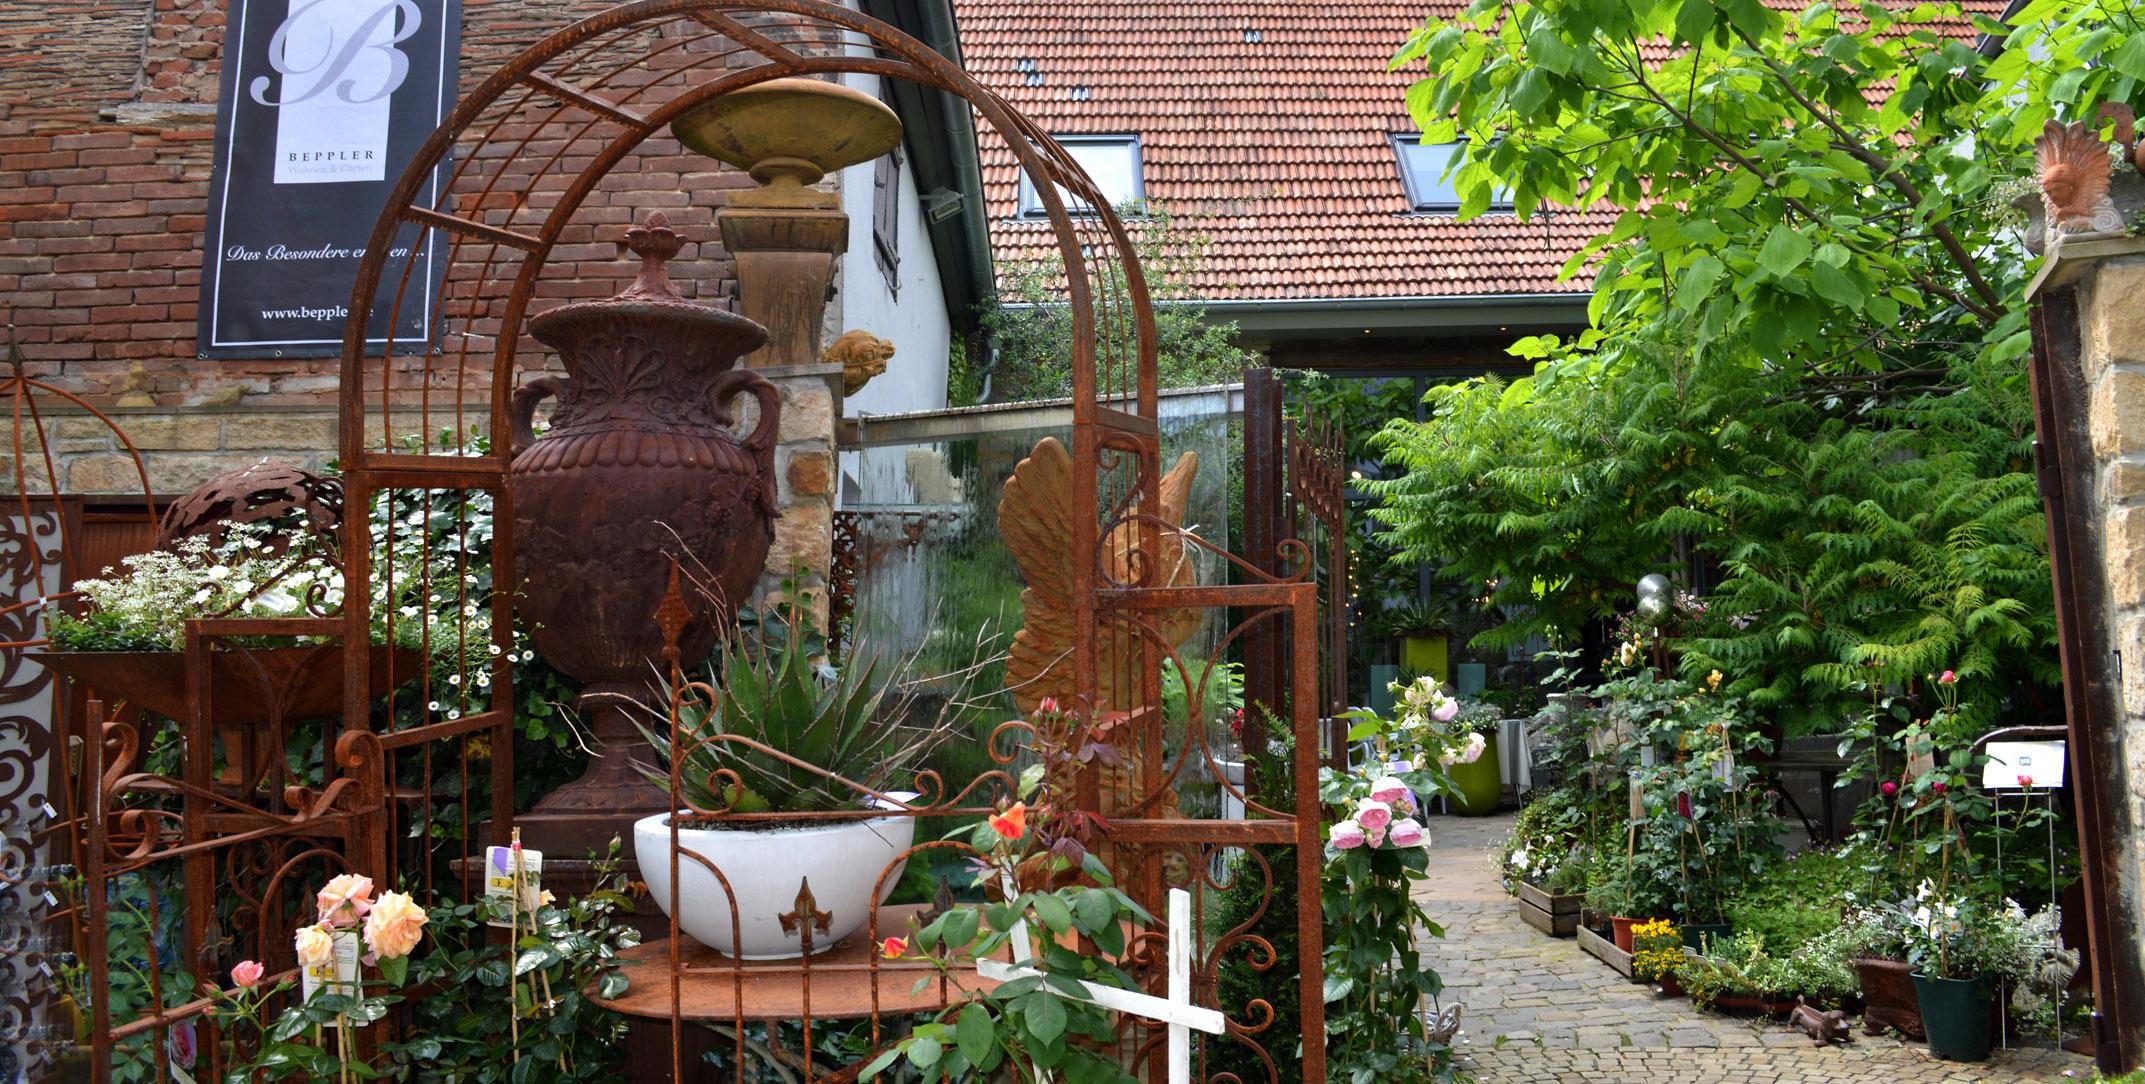 beppler wohnen & garten, Gartenarbeit ideen